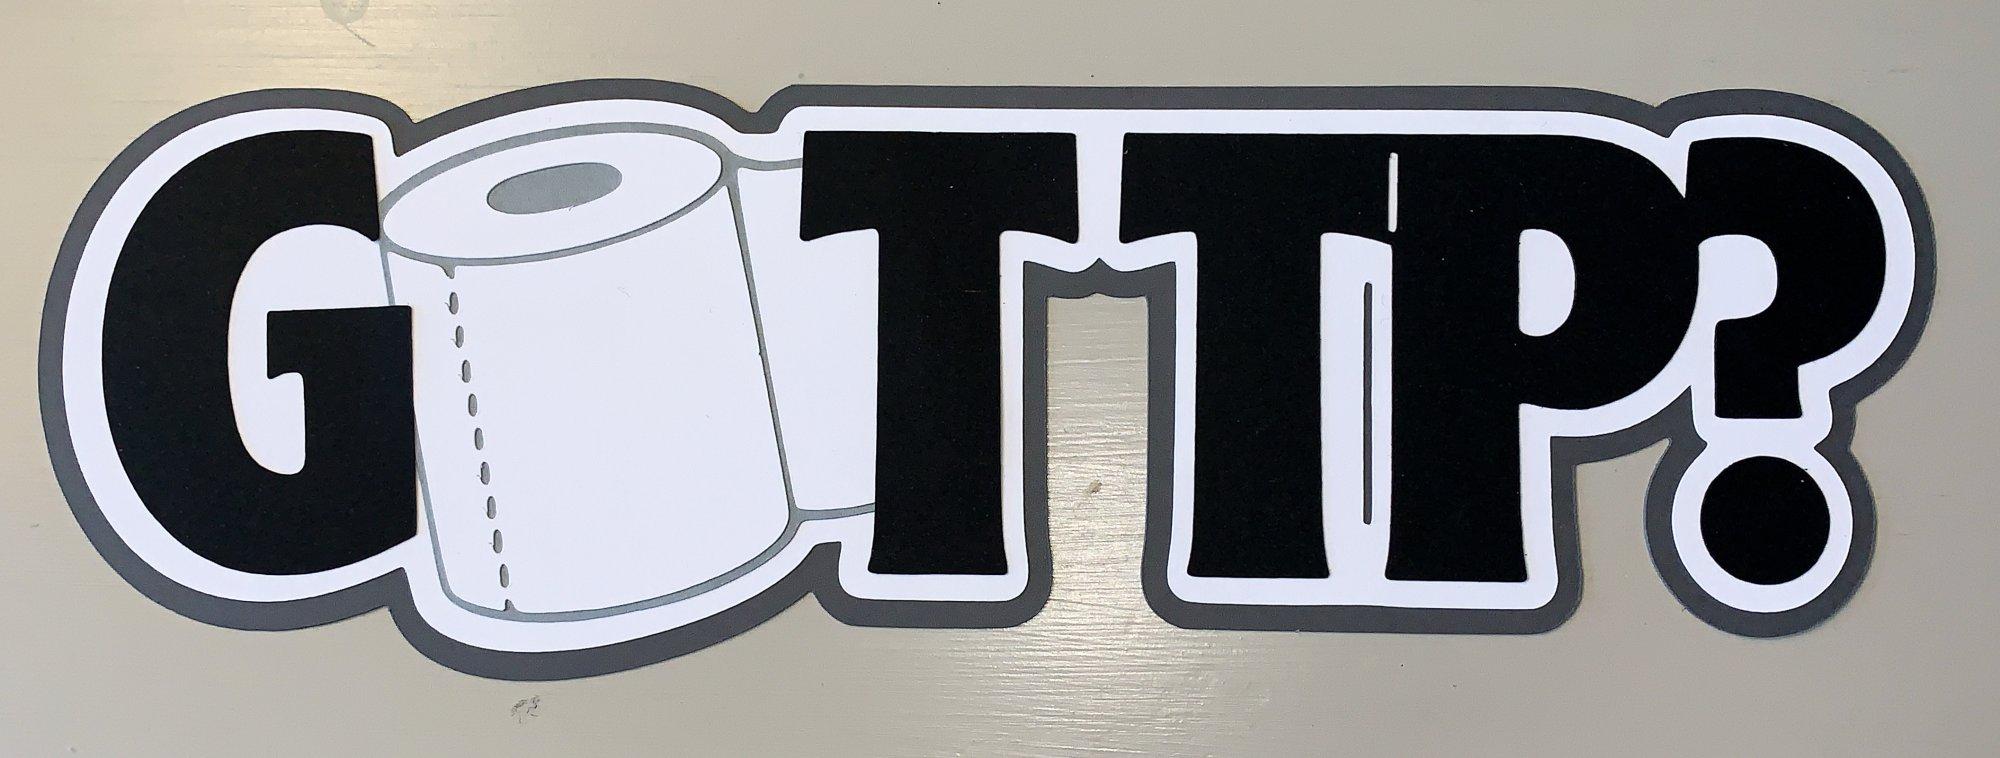 Got TP?  Custom Die-cut